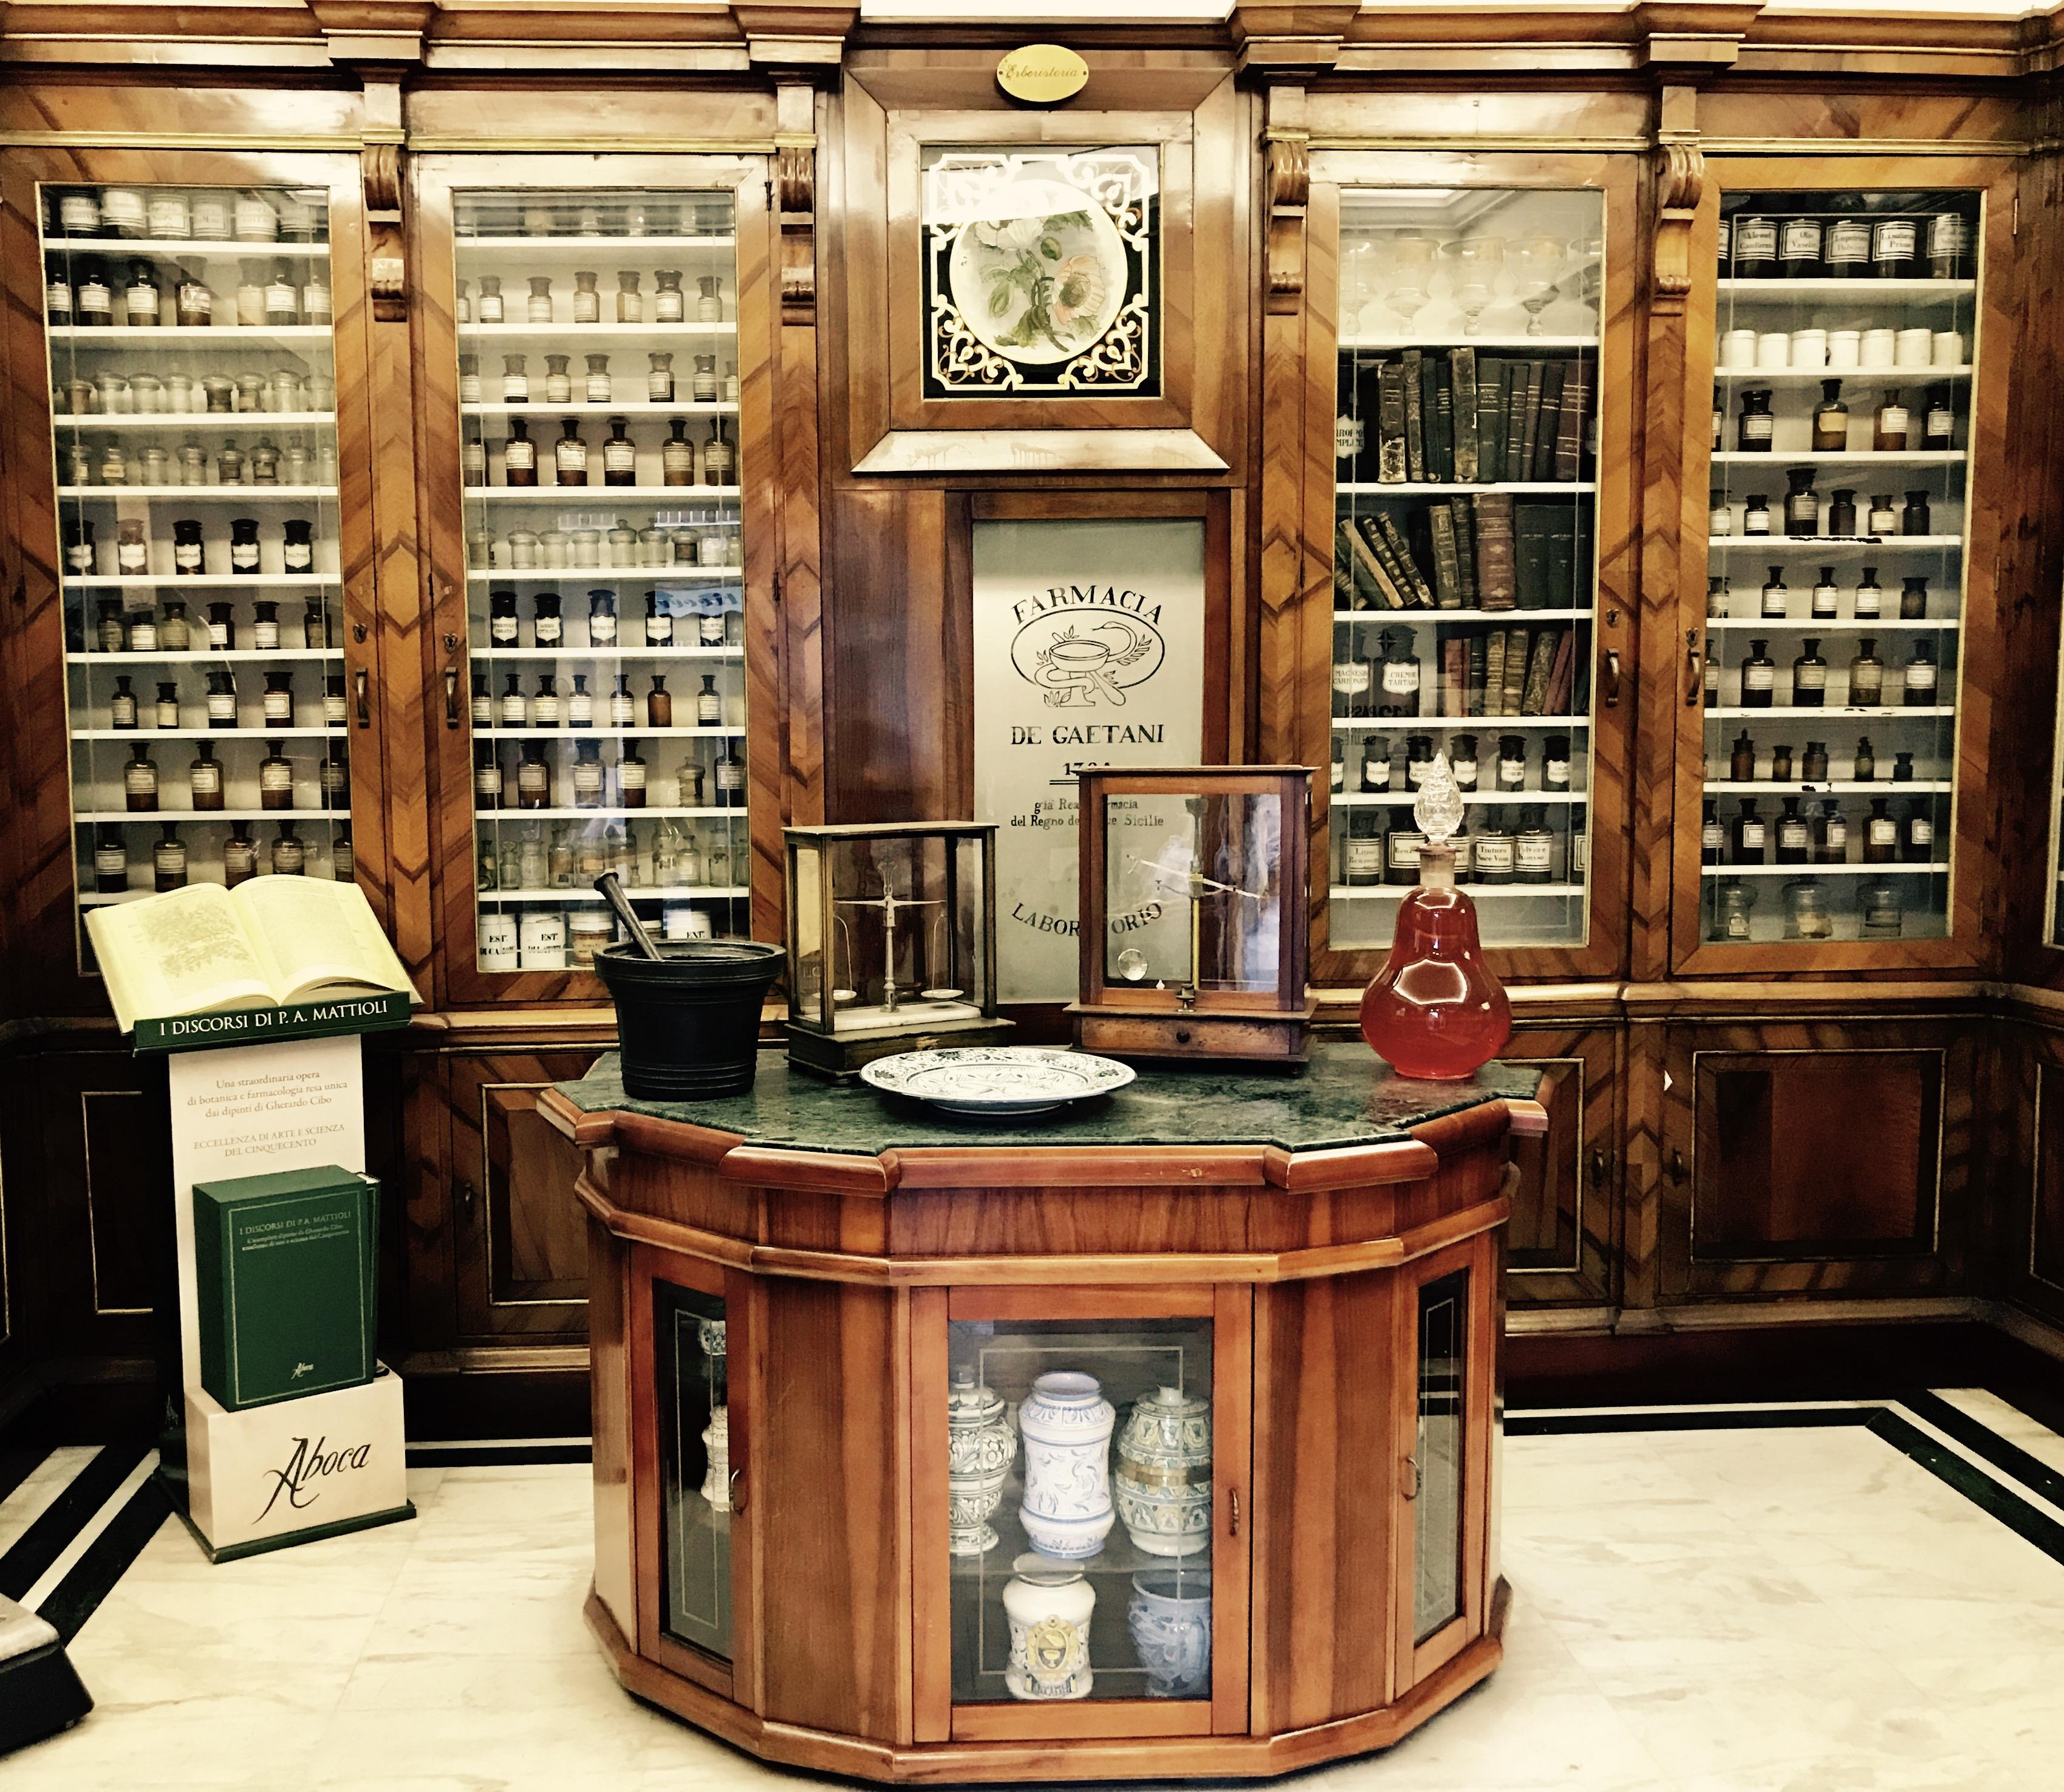 Farmacia Catania